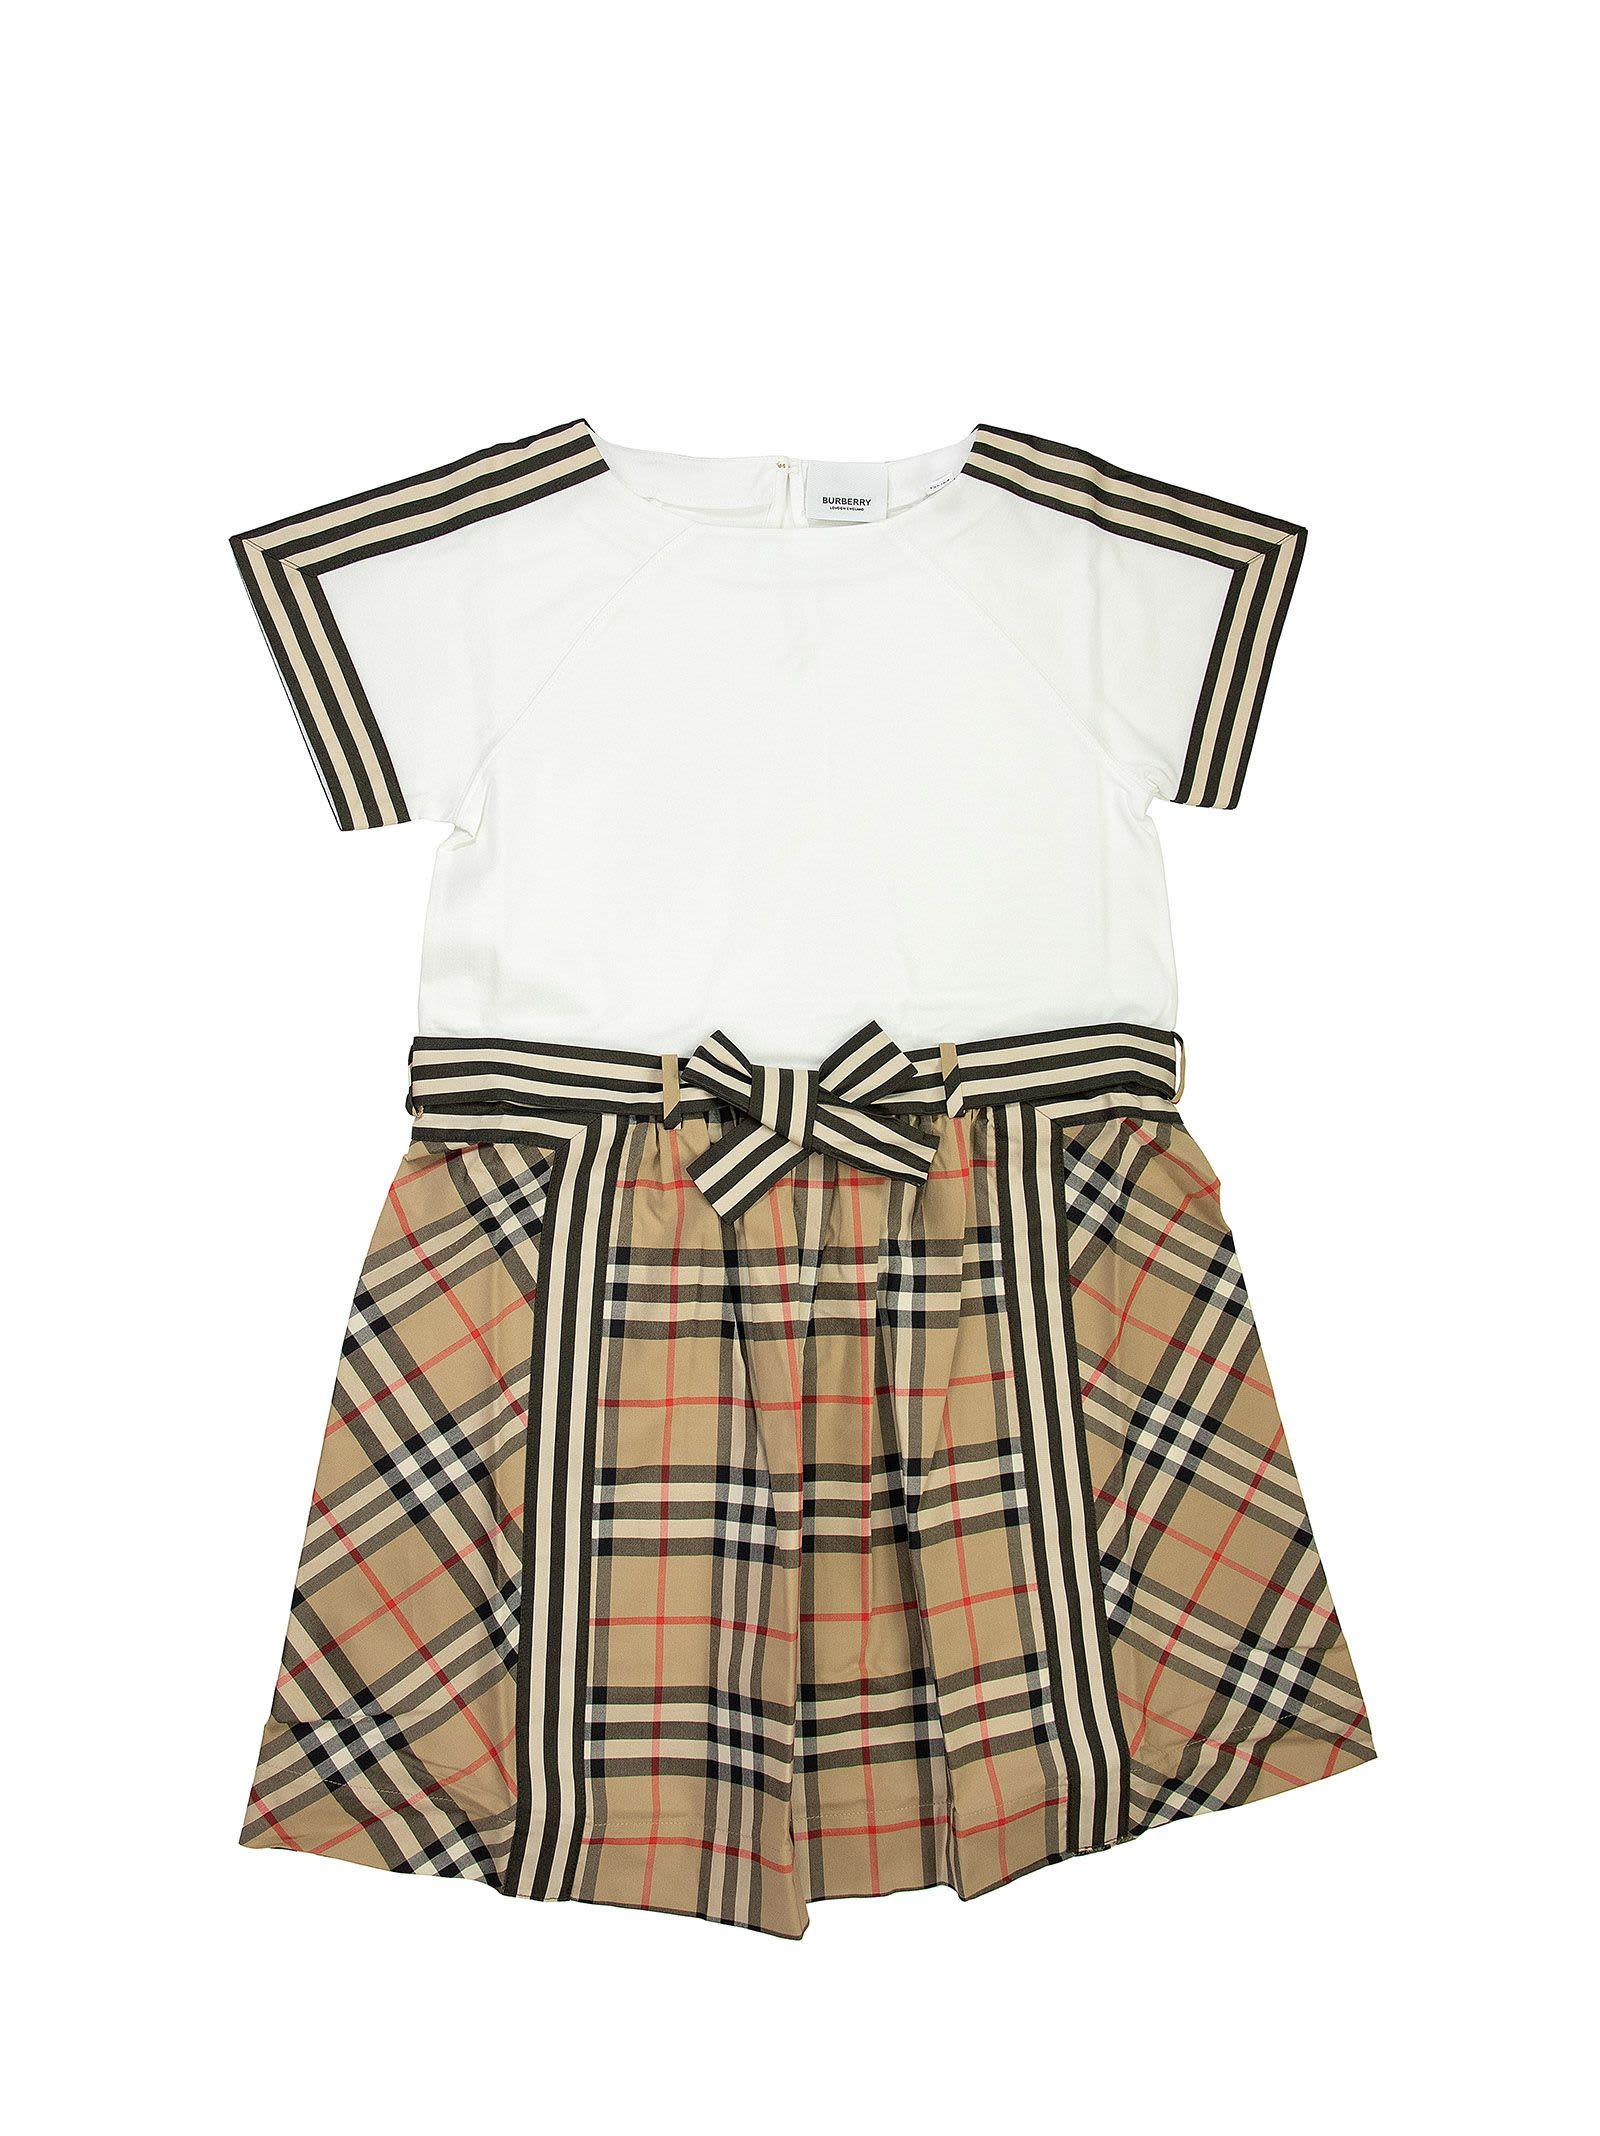 Burberry Raglan Rhonda - Vintage Check Detail Cotton Dress